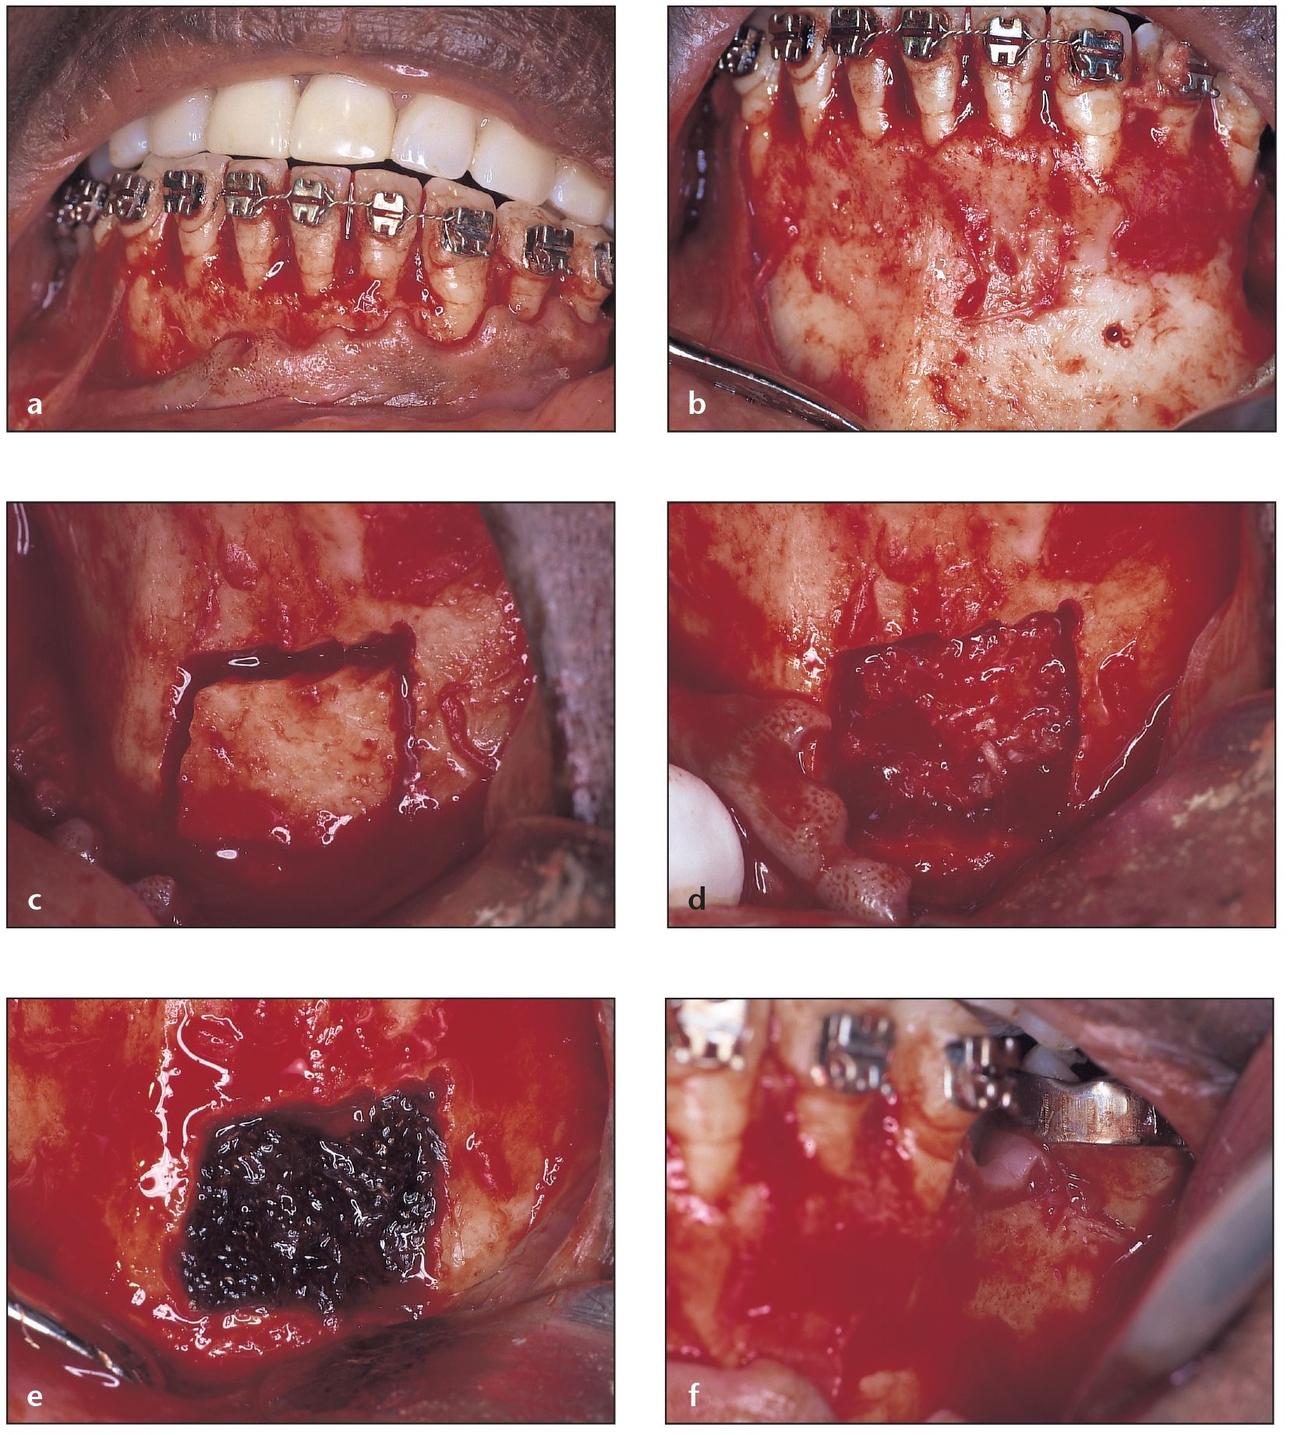 6  Harvesting Bone from the Mandibular Symphysis  Pocket